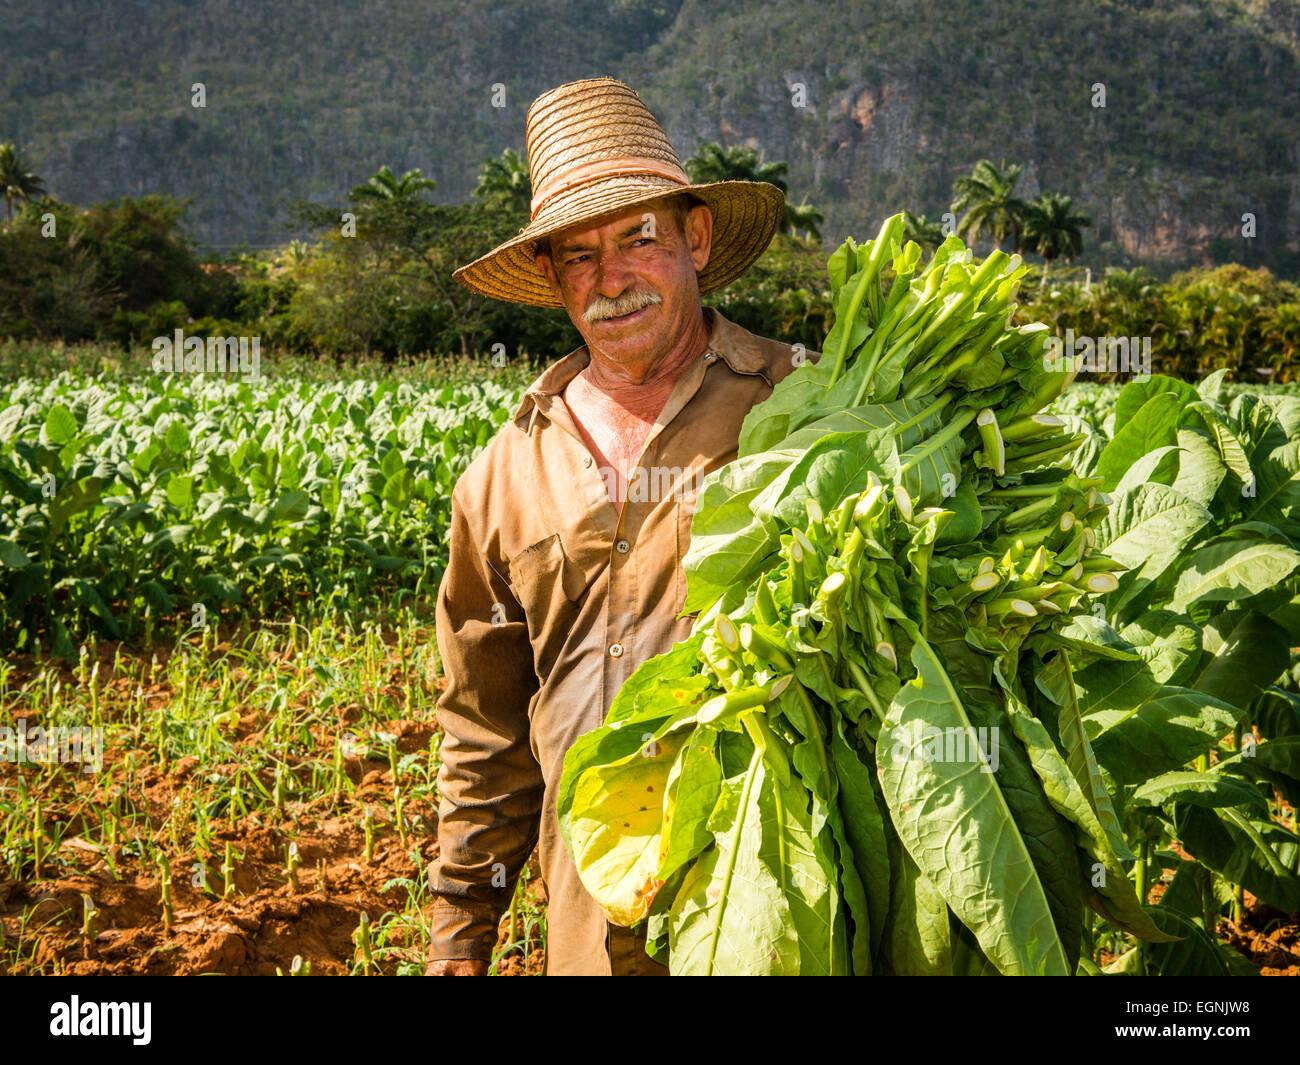 Cuban Tobacco Worker In Field Vinales Cuba